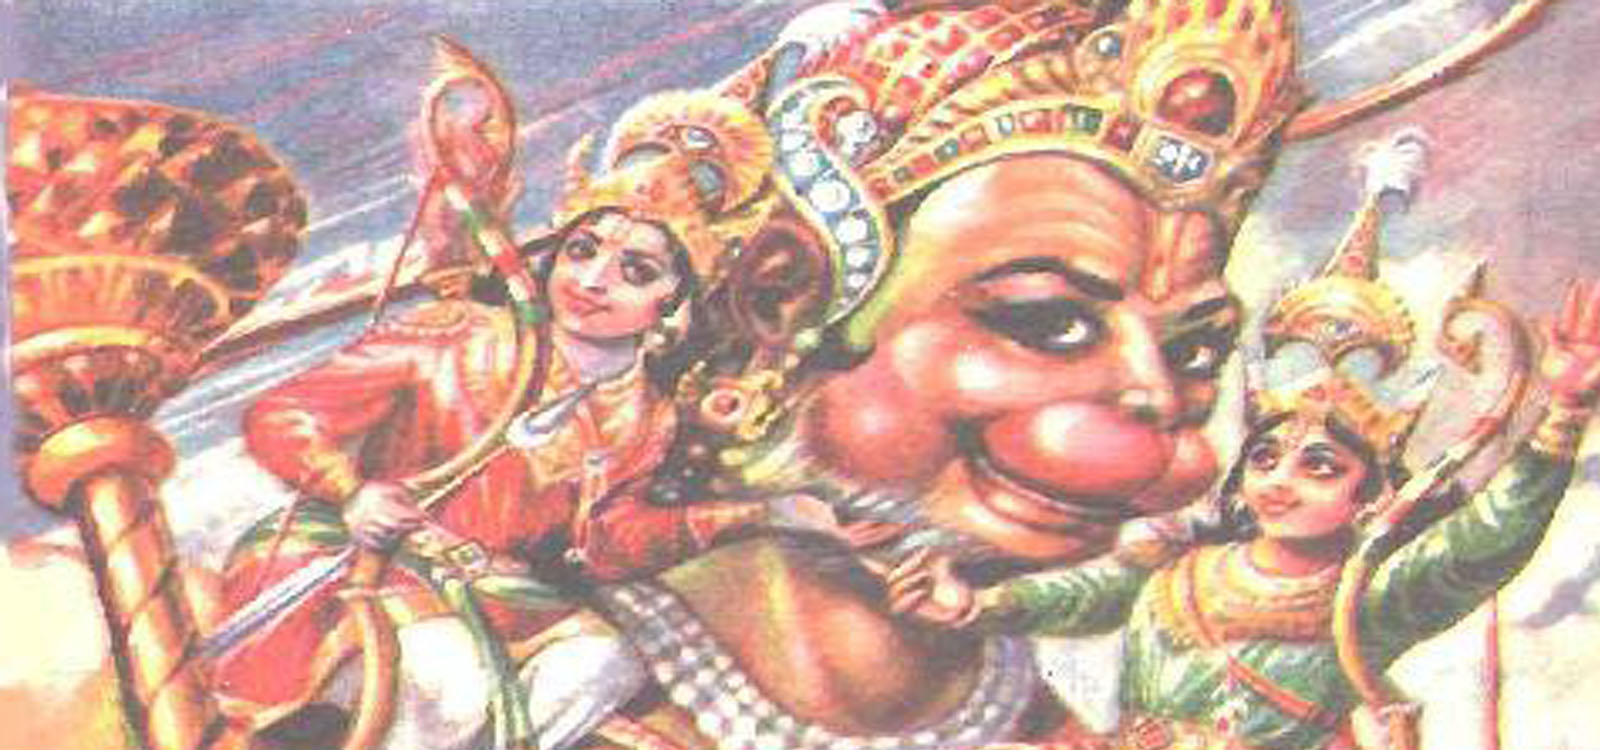 anjanaya painting